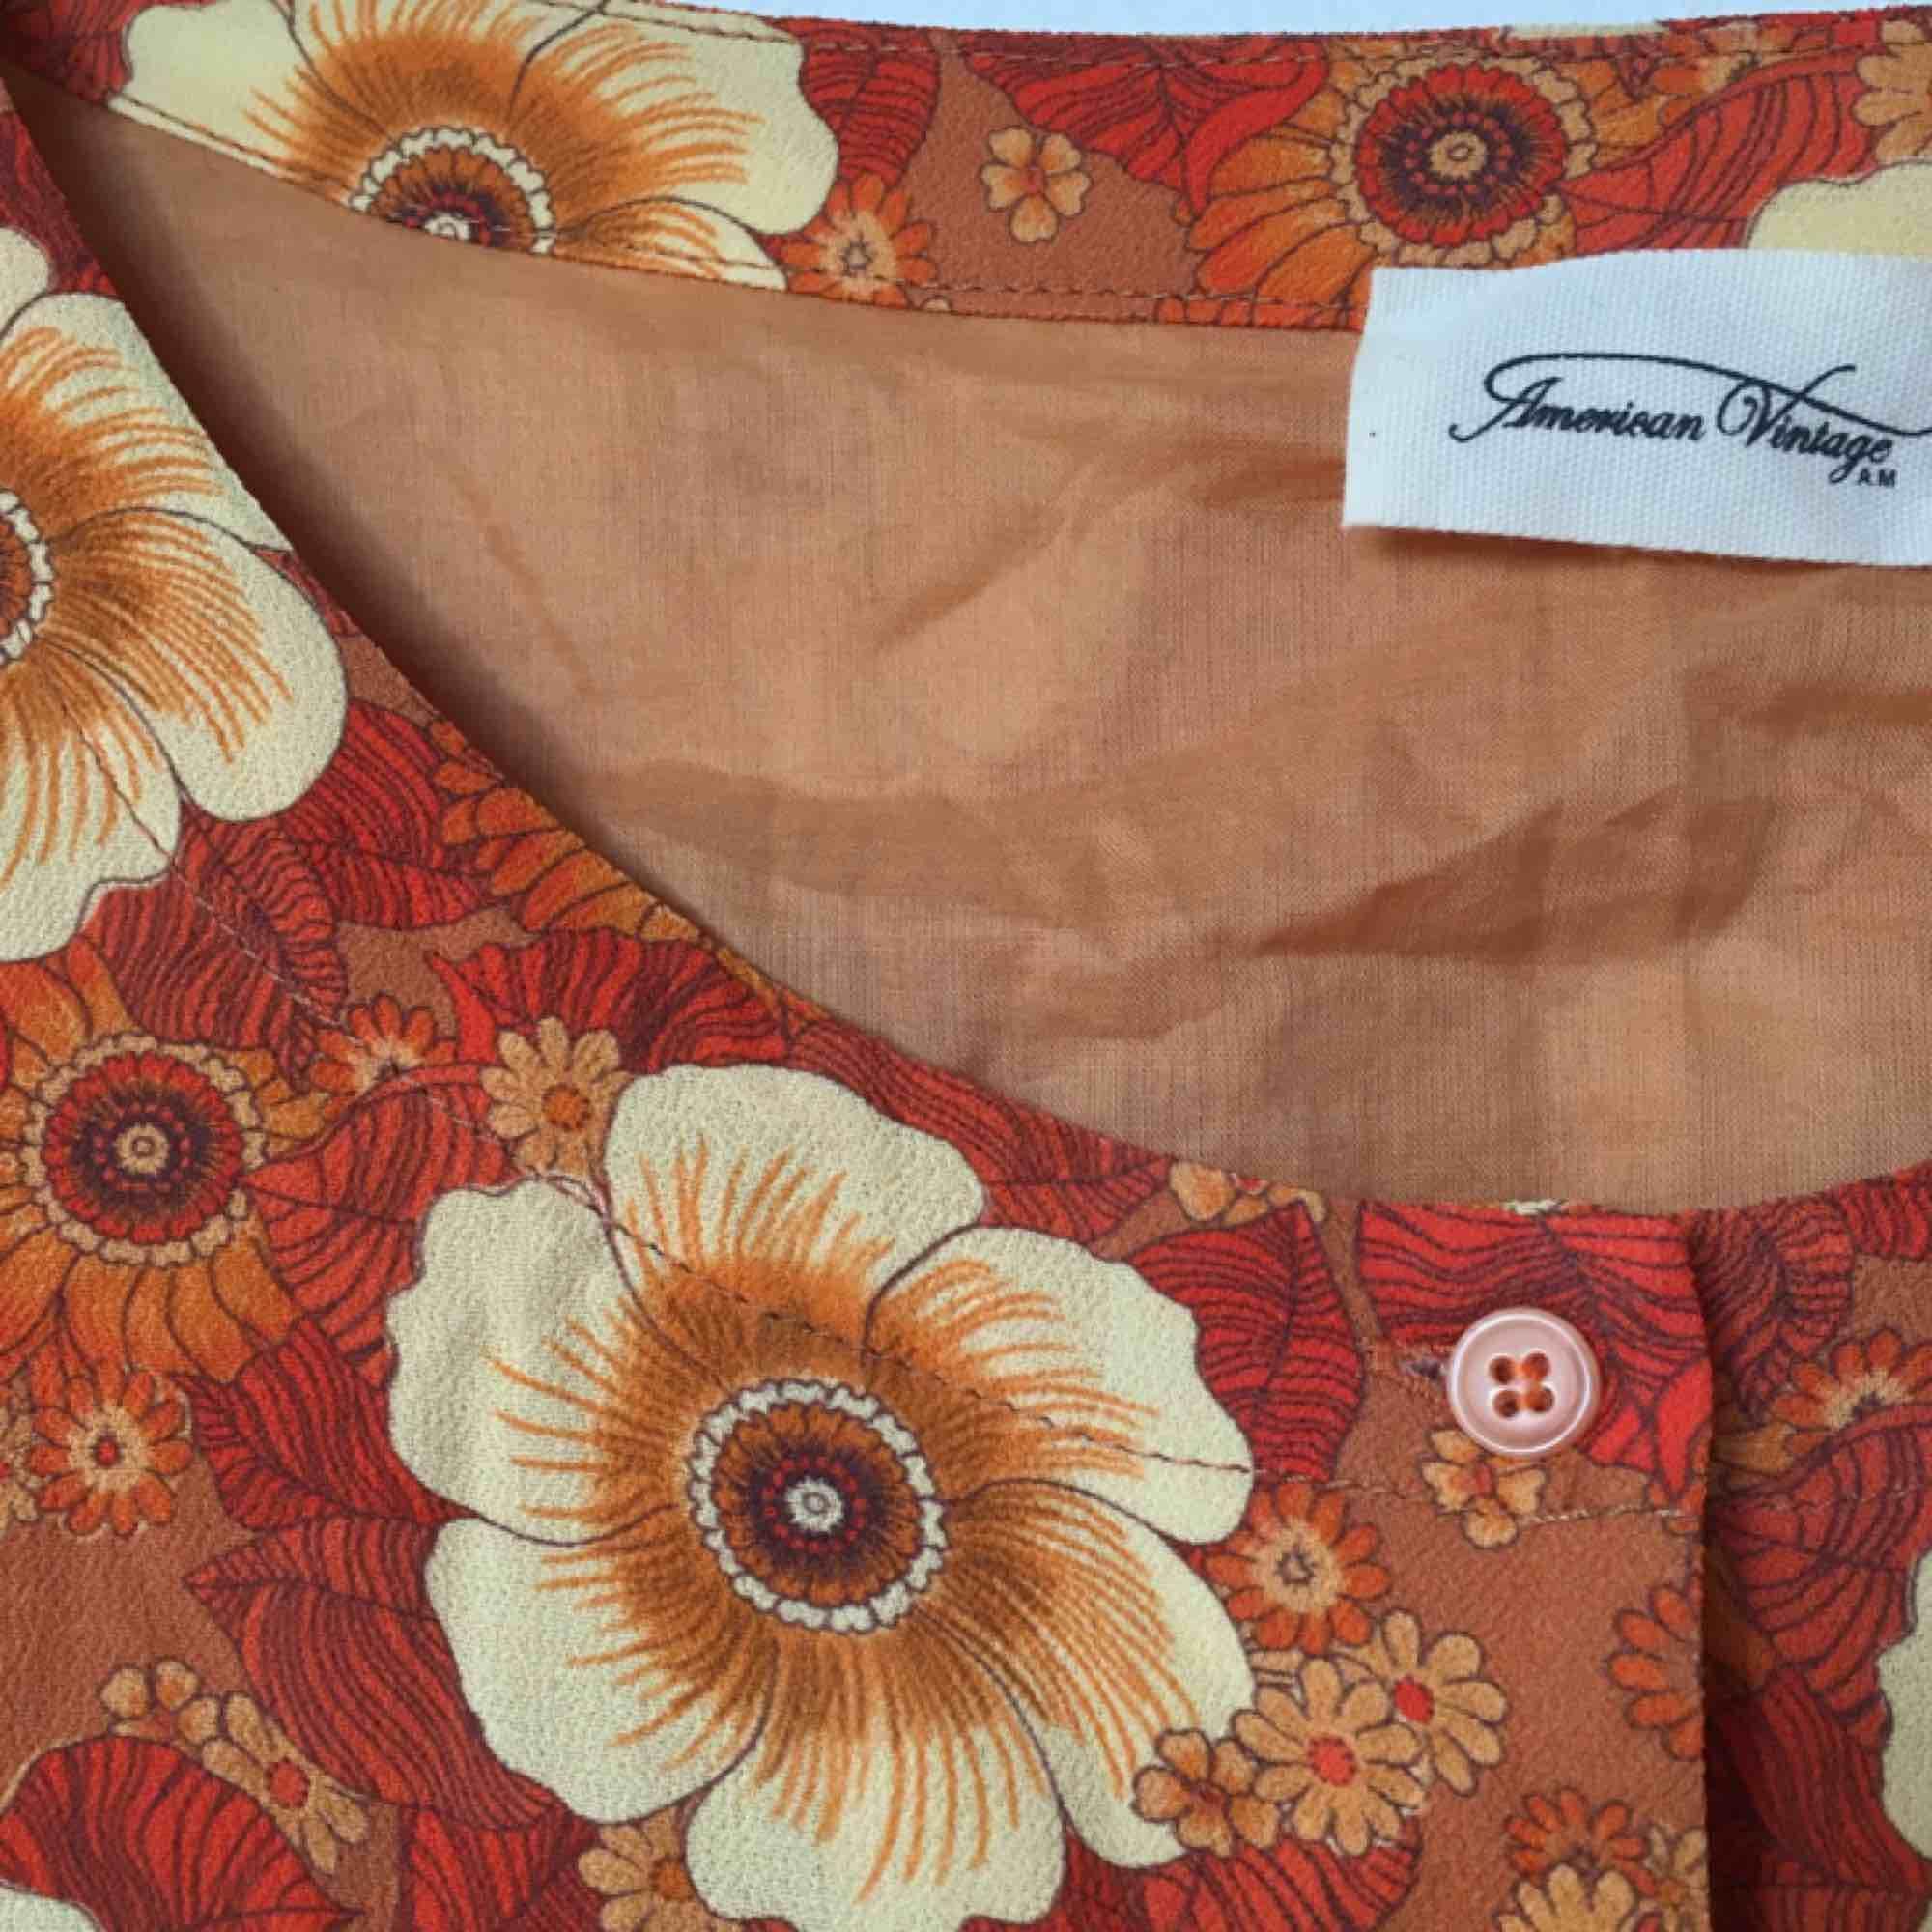 e7bb44ea746e Klänningen är oversized så den 70-tals inspirerad American Vintage  sommarklänning. Aldrig använd. Klänningen är oversized så den ...